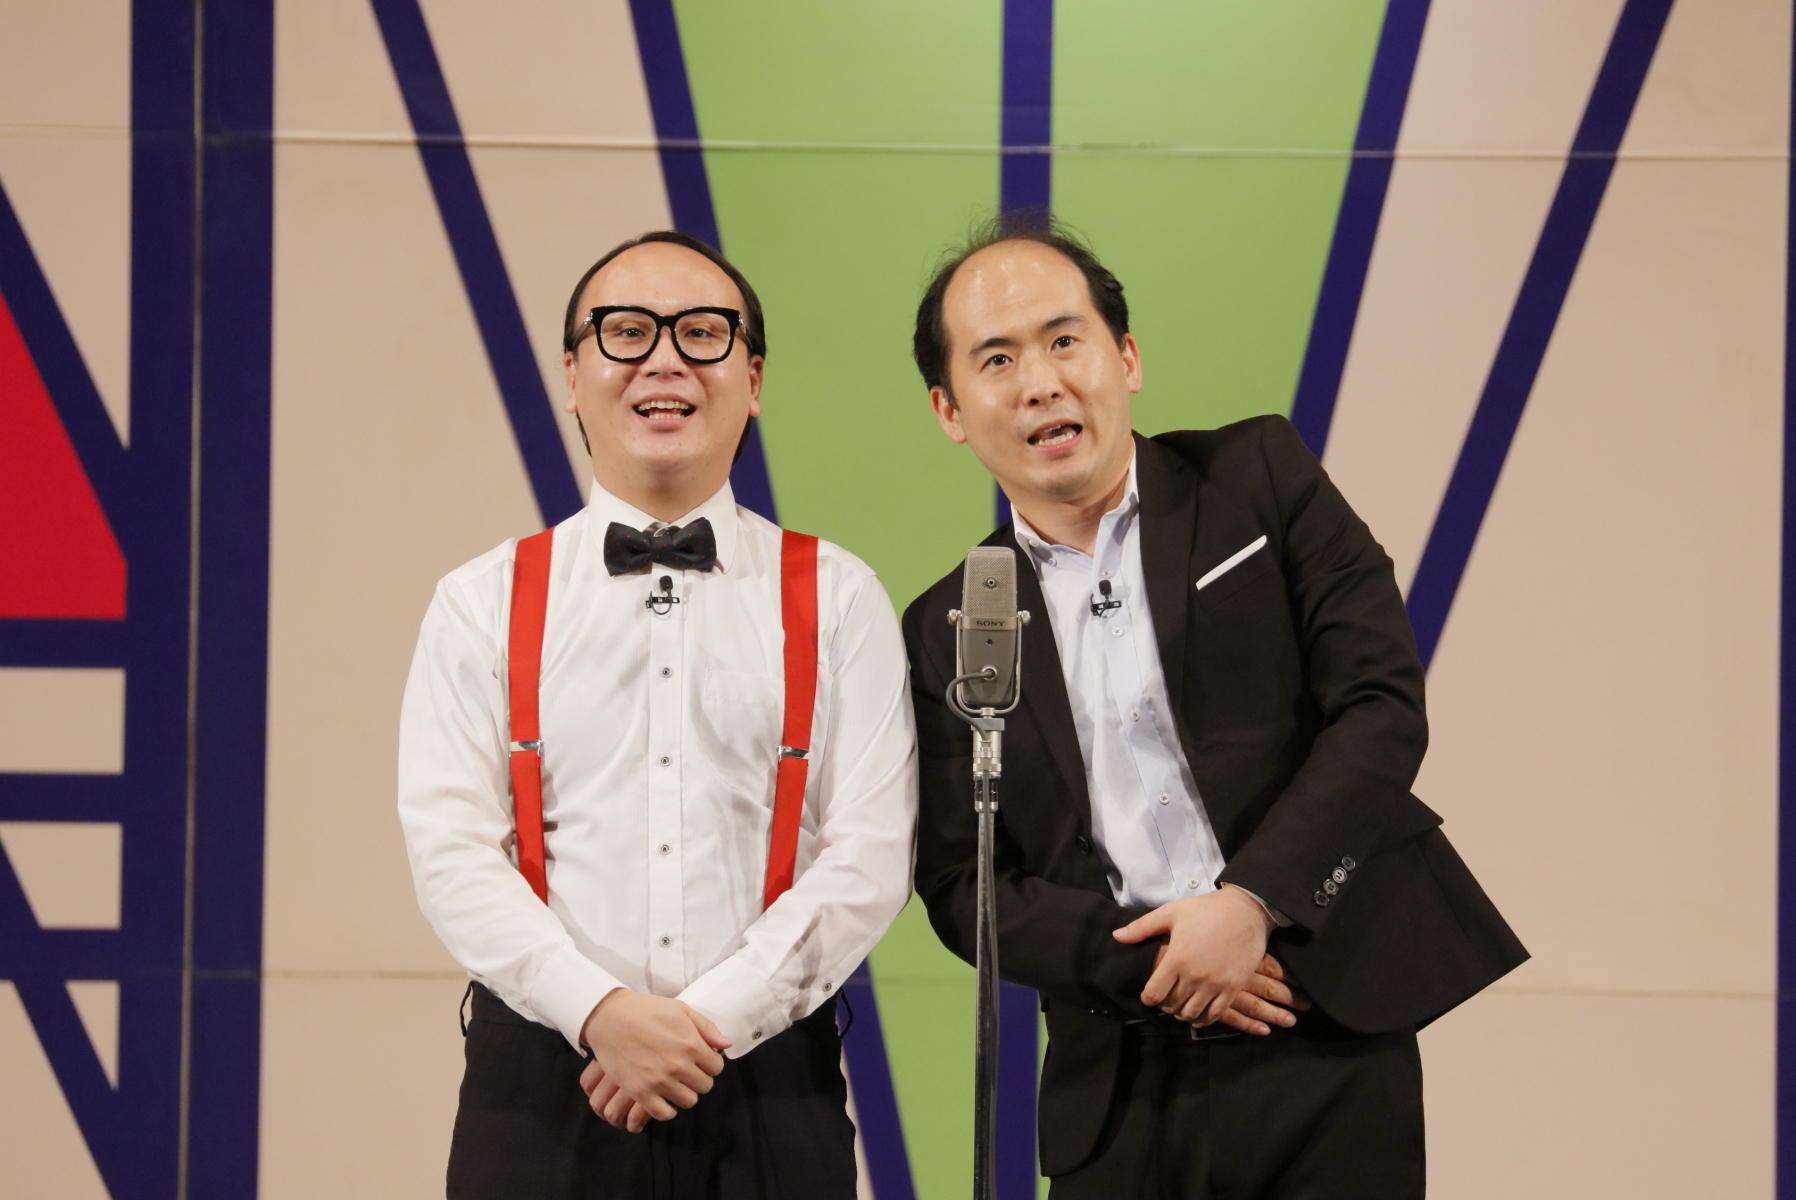 http://news.yoshimoto.co.jp/20180727005028-4f6060d3a2bc187f7f08137f33c77c94ad4aea2e.jpg